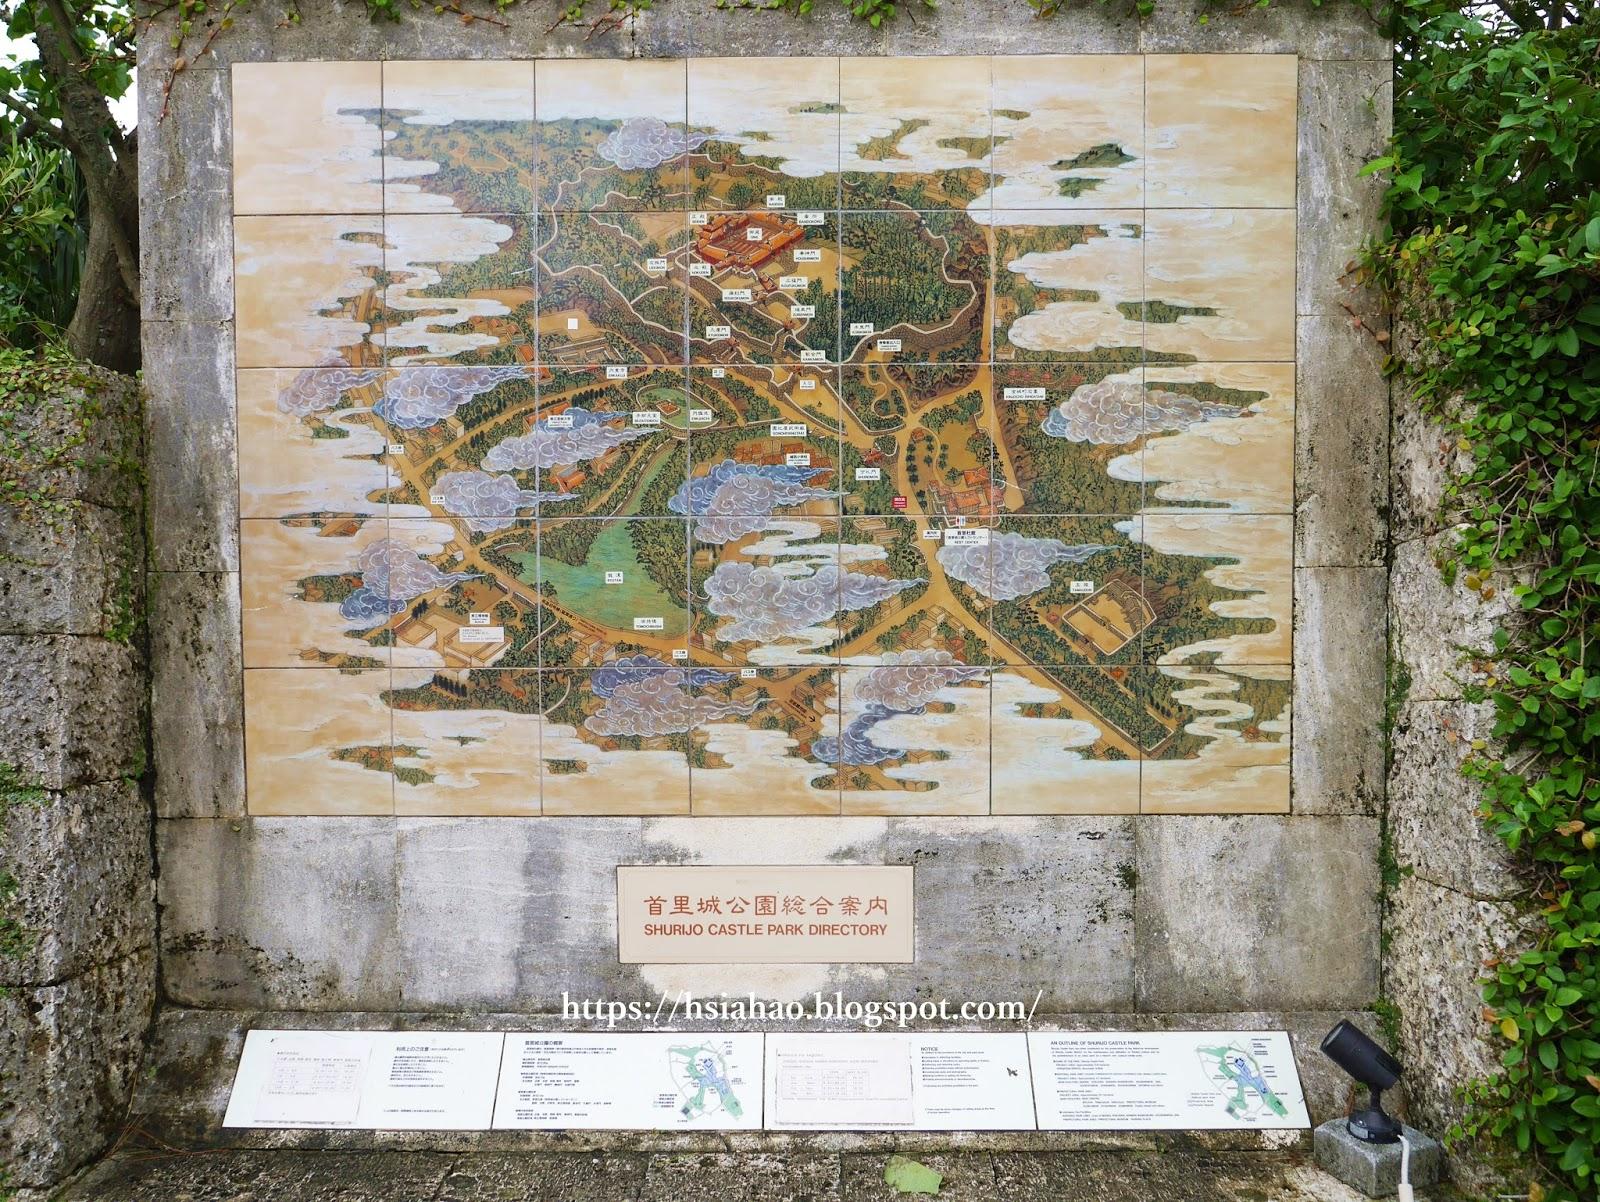 沖繩-景點-世界遺產-首里城-公園-地圖-自由行-旅遊-旅行-Okinawa-Naha-Shuri-Castle